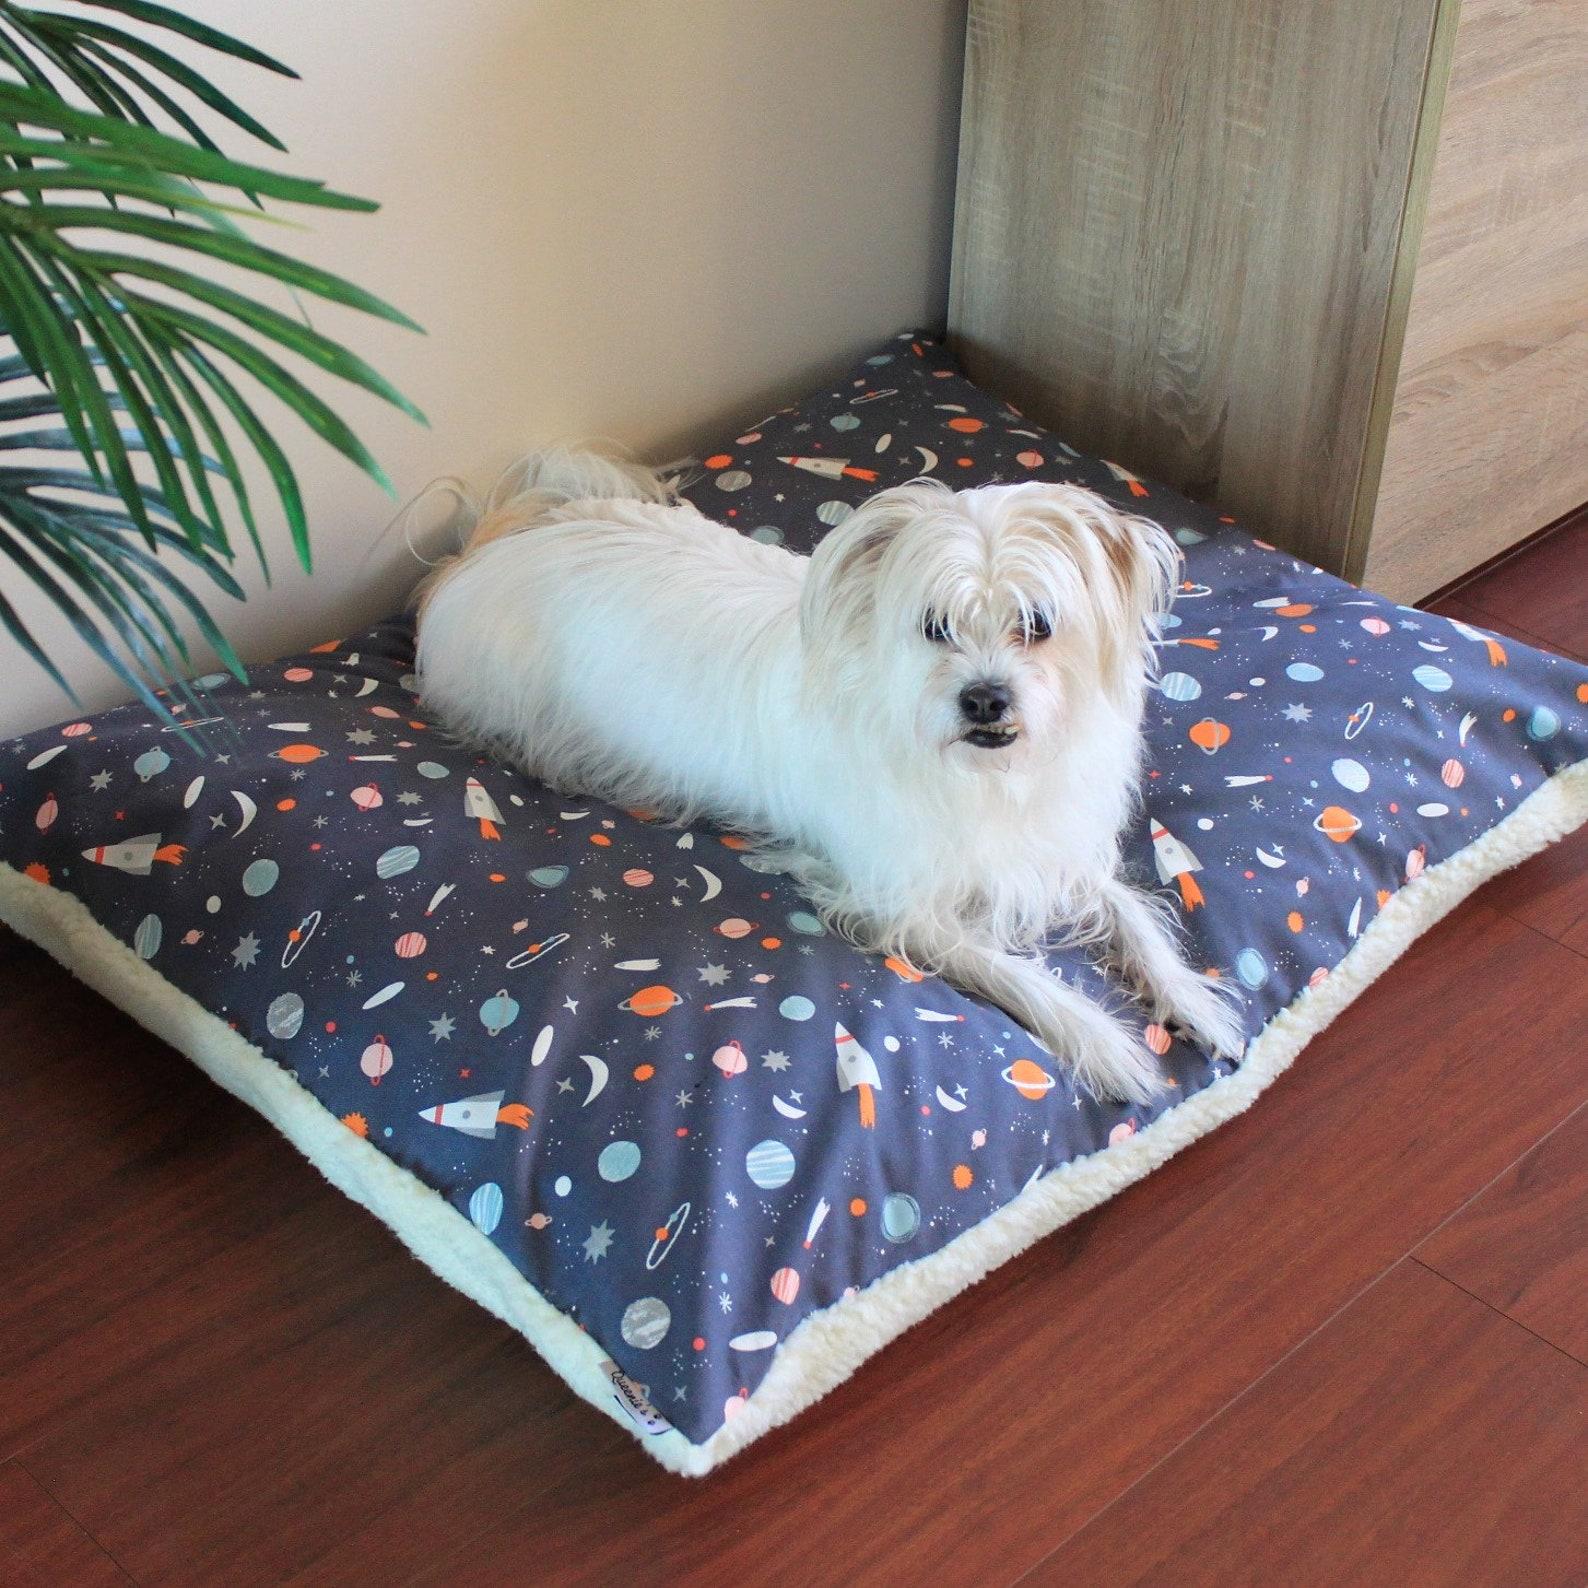 Dog posing on cushion pet bed